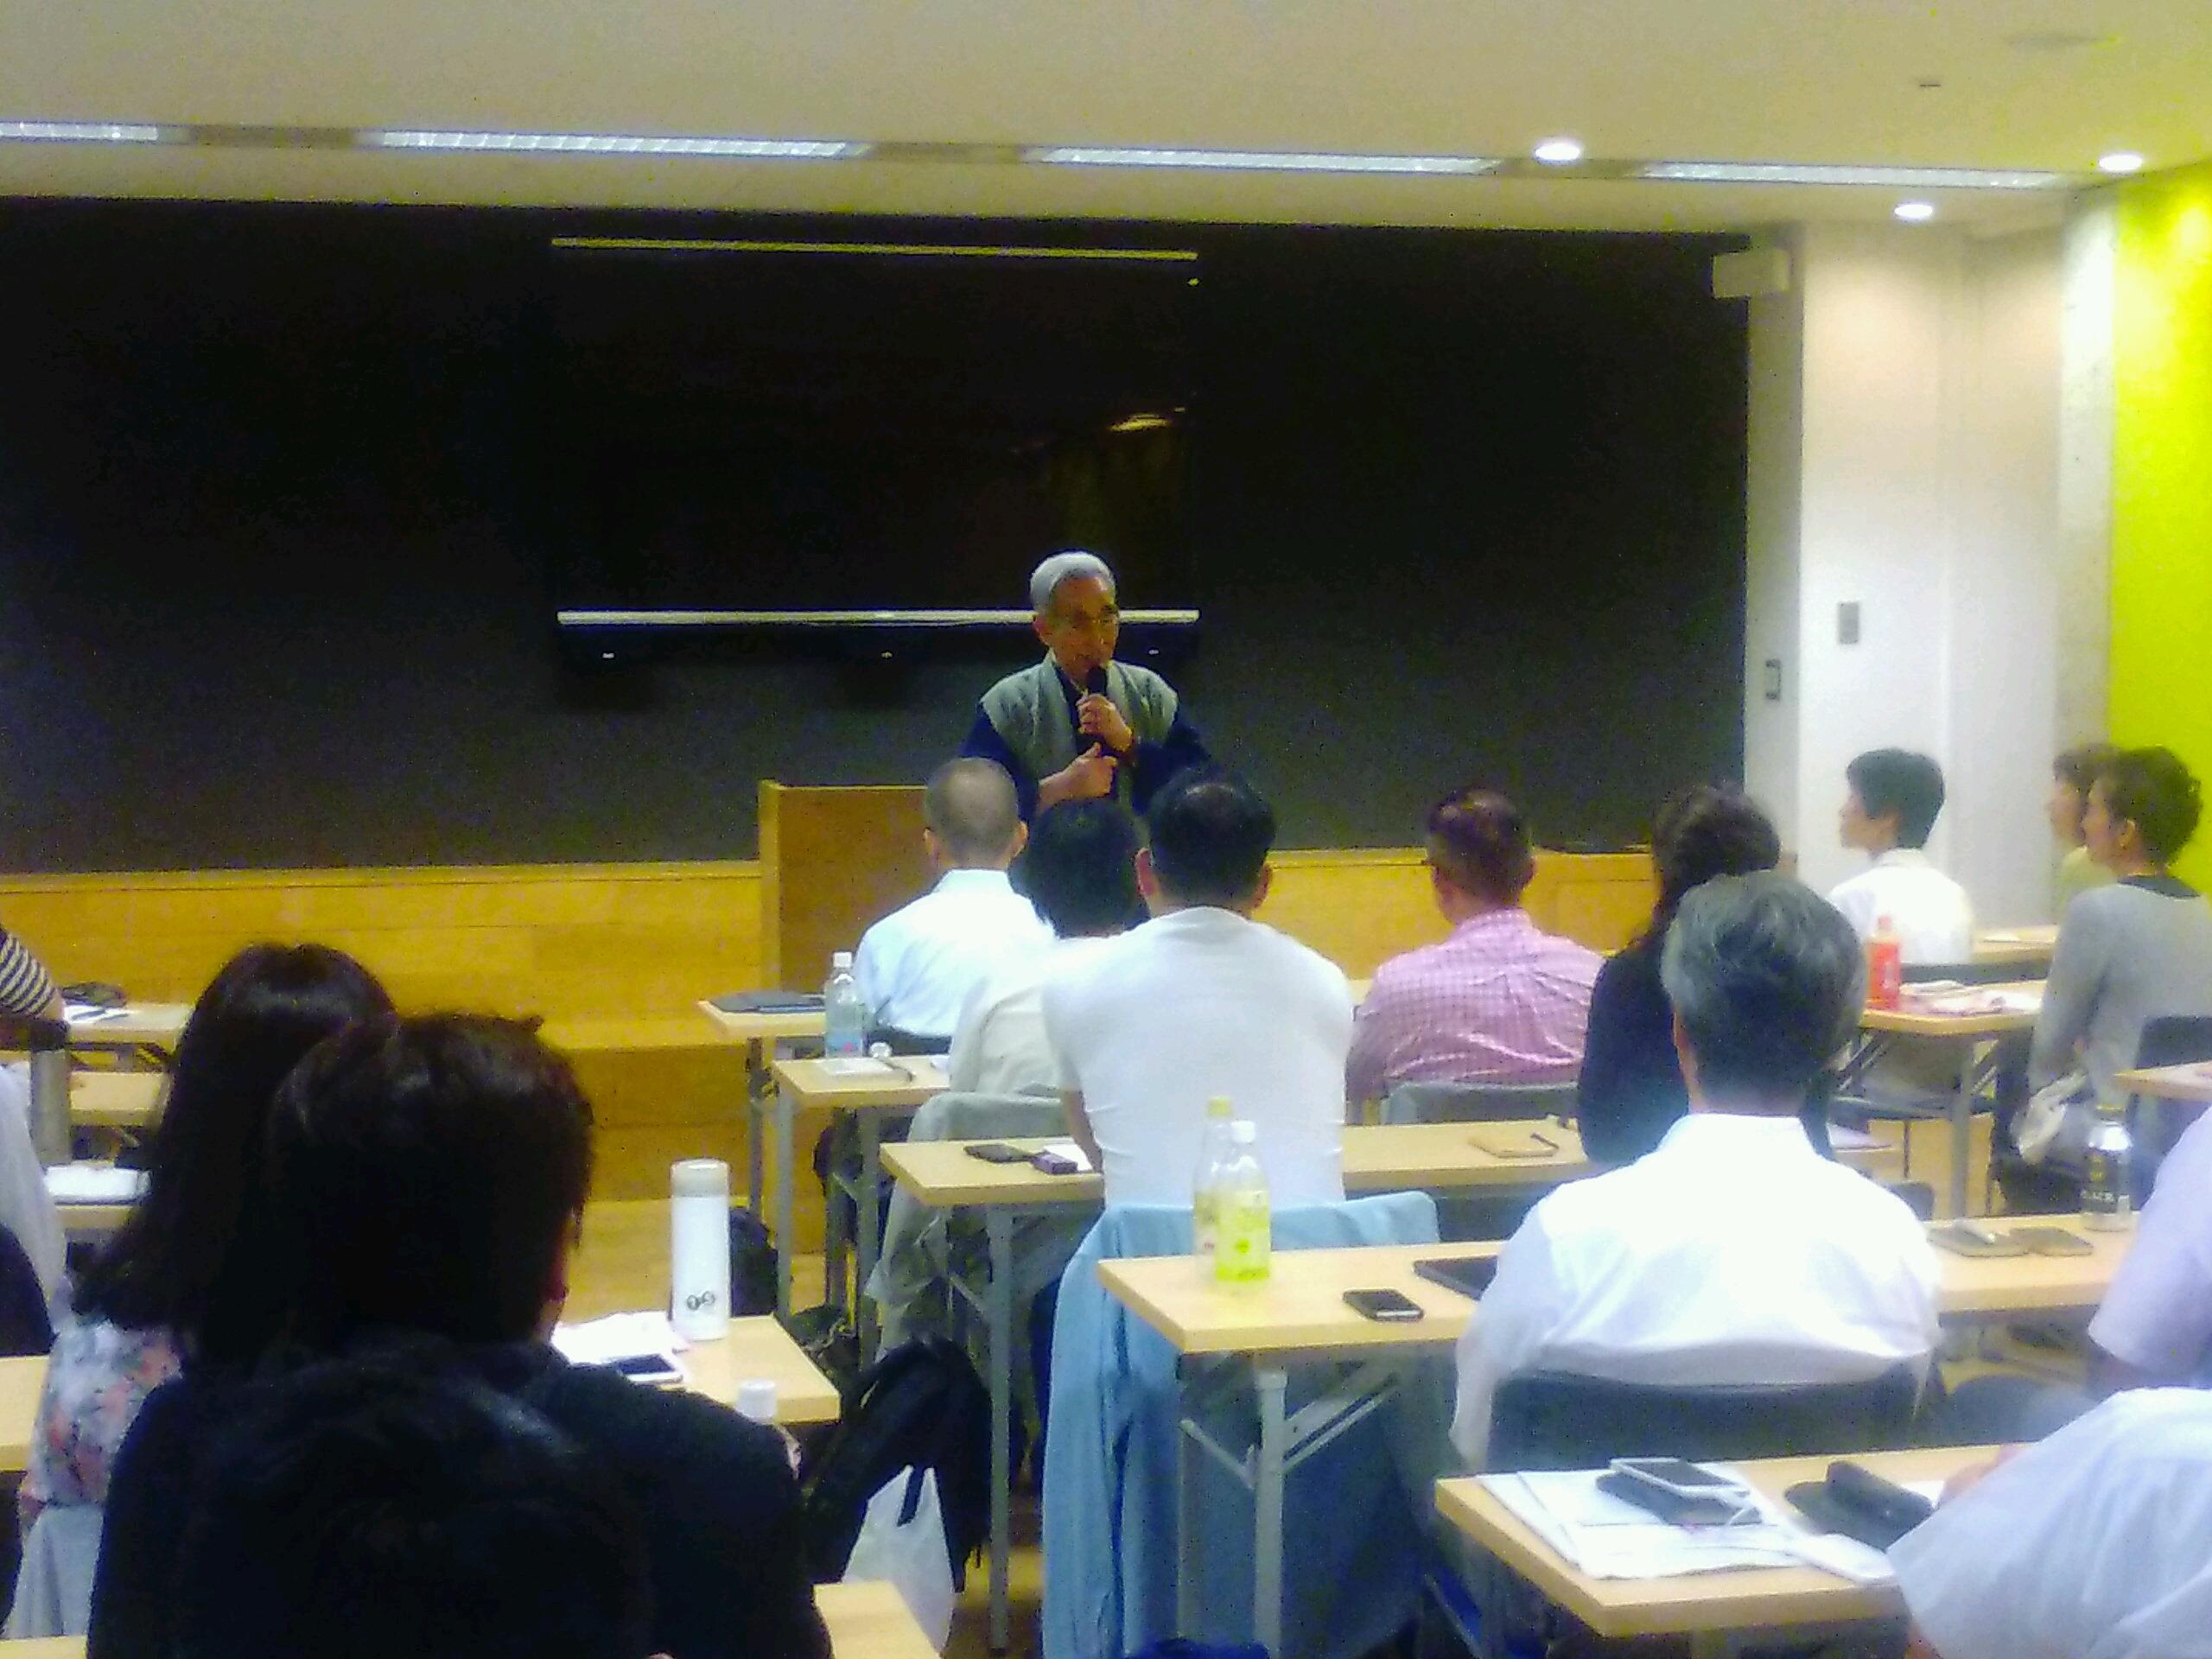 20181006164224 1 - 2018年10月6日(土)第5回東京思風塾開催しました。